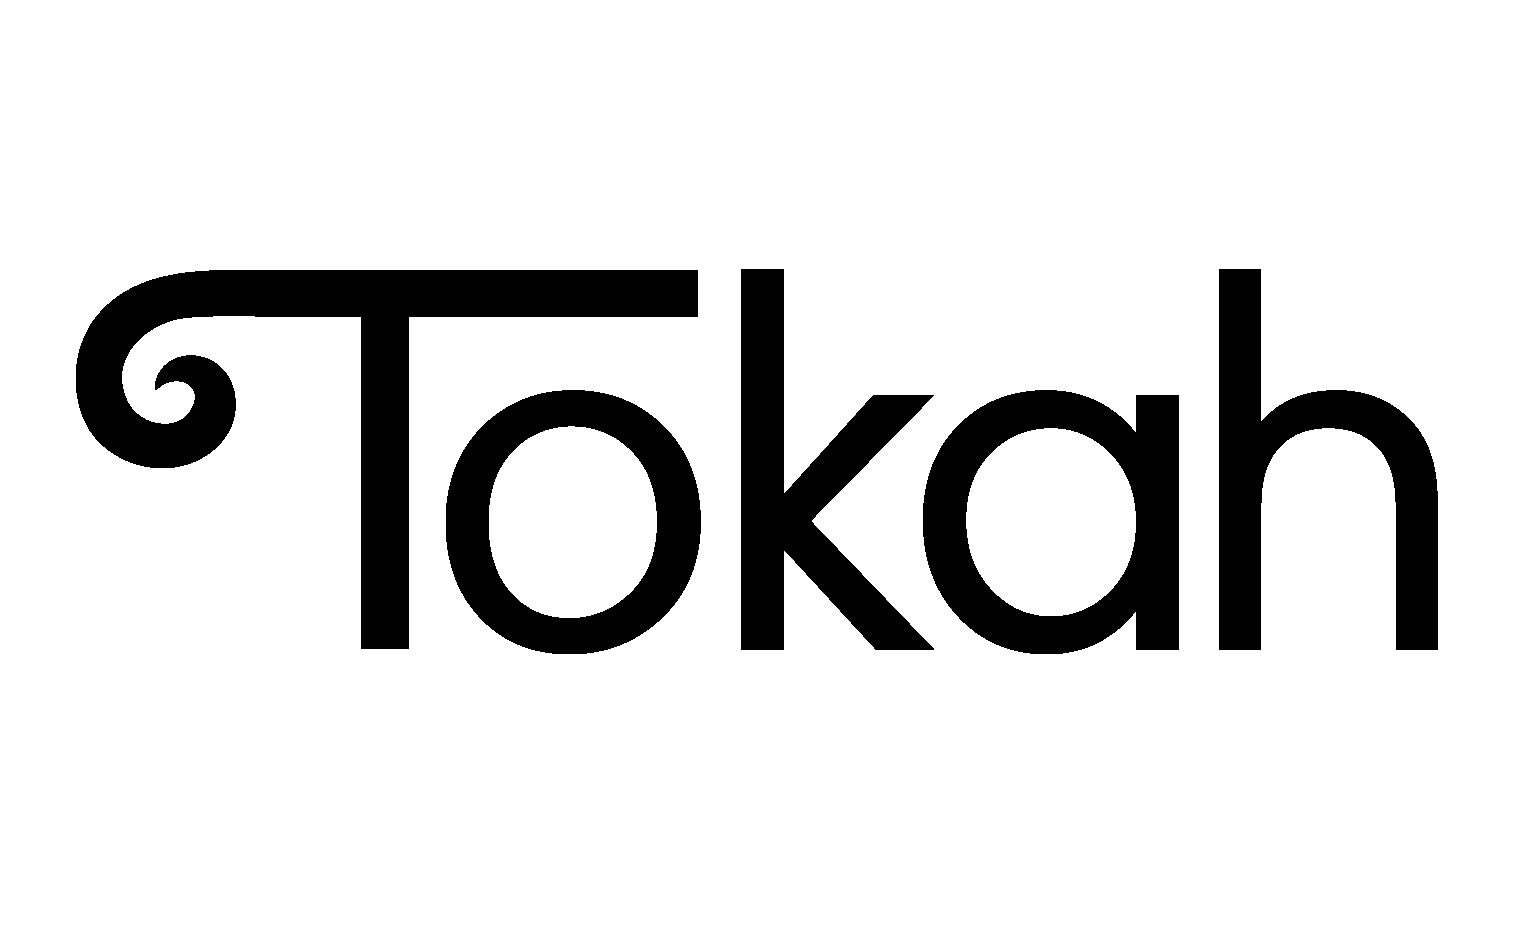 Tokah